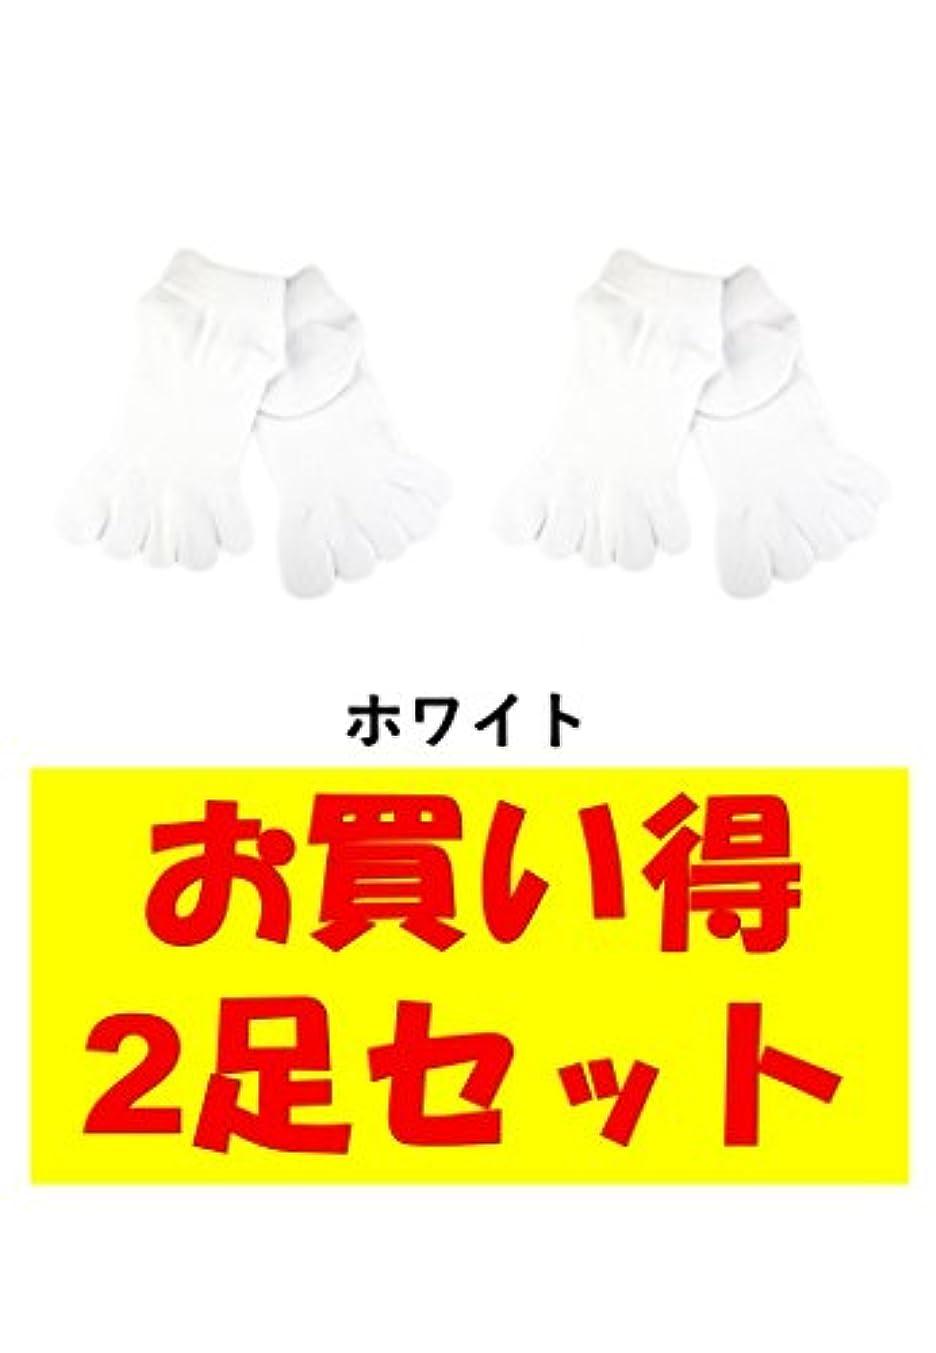 別れる衝撃真剣にお買い得2足セット 5本指 ゆびのばソックス ゆびのば アンクル ホワイト Mサイズ 25.0cm-27.5cm YSANKL-WHT